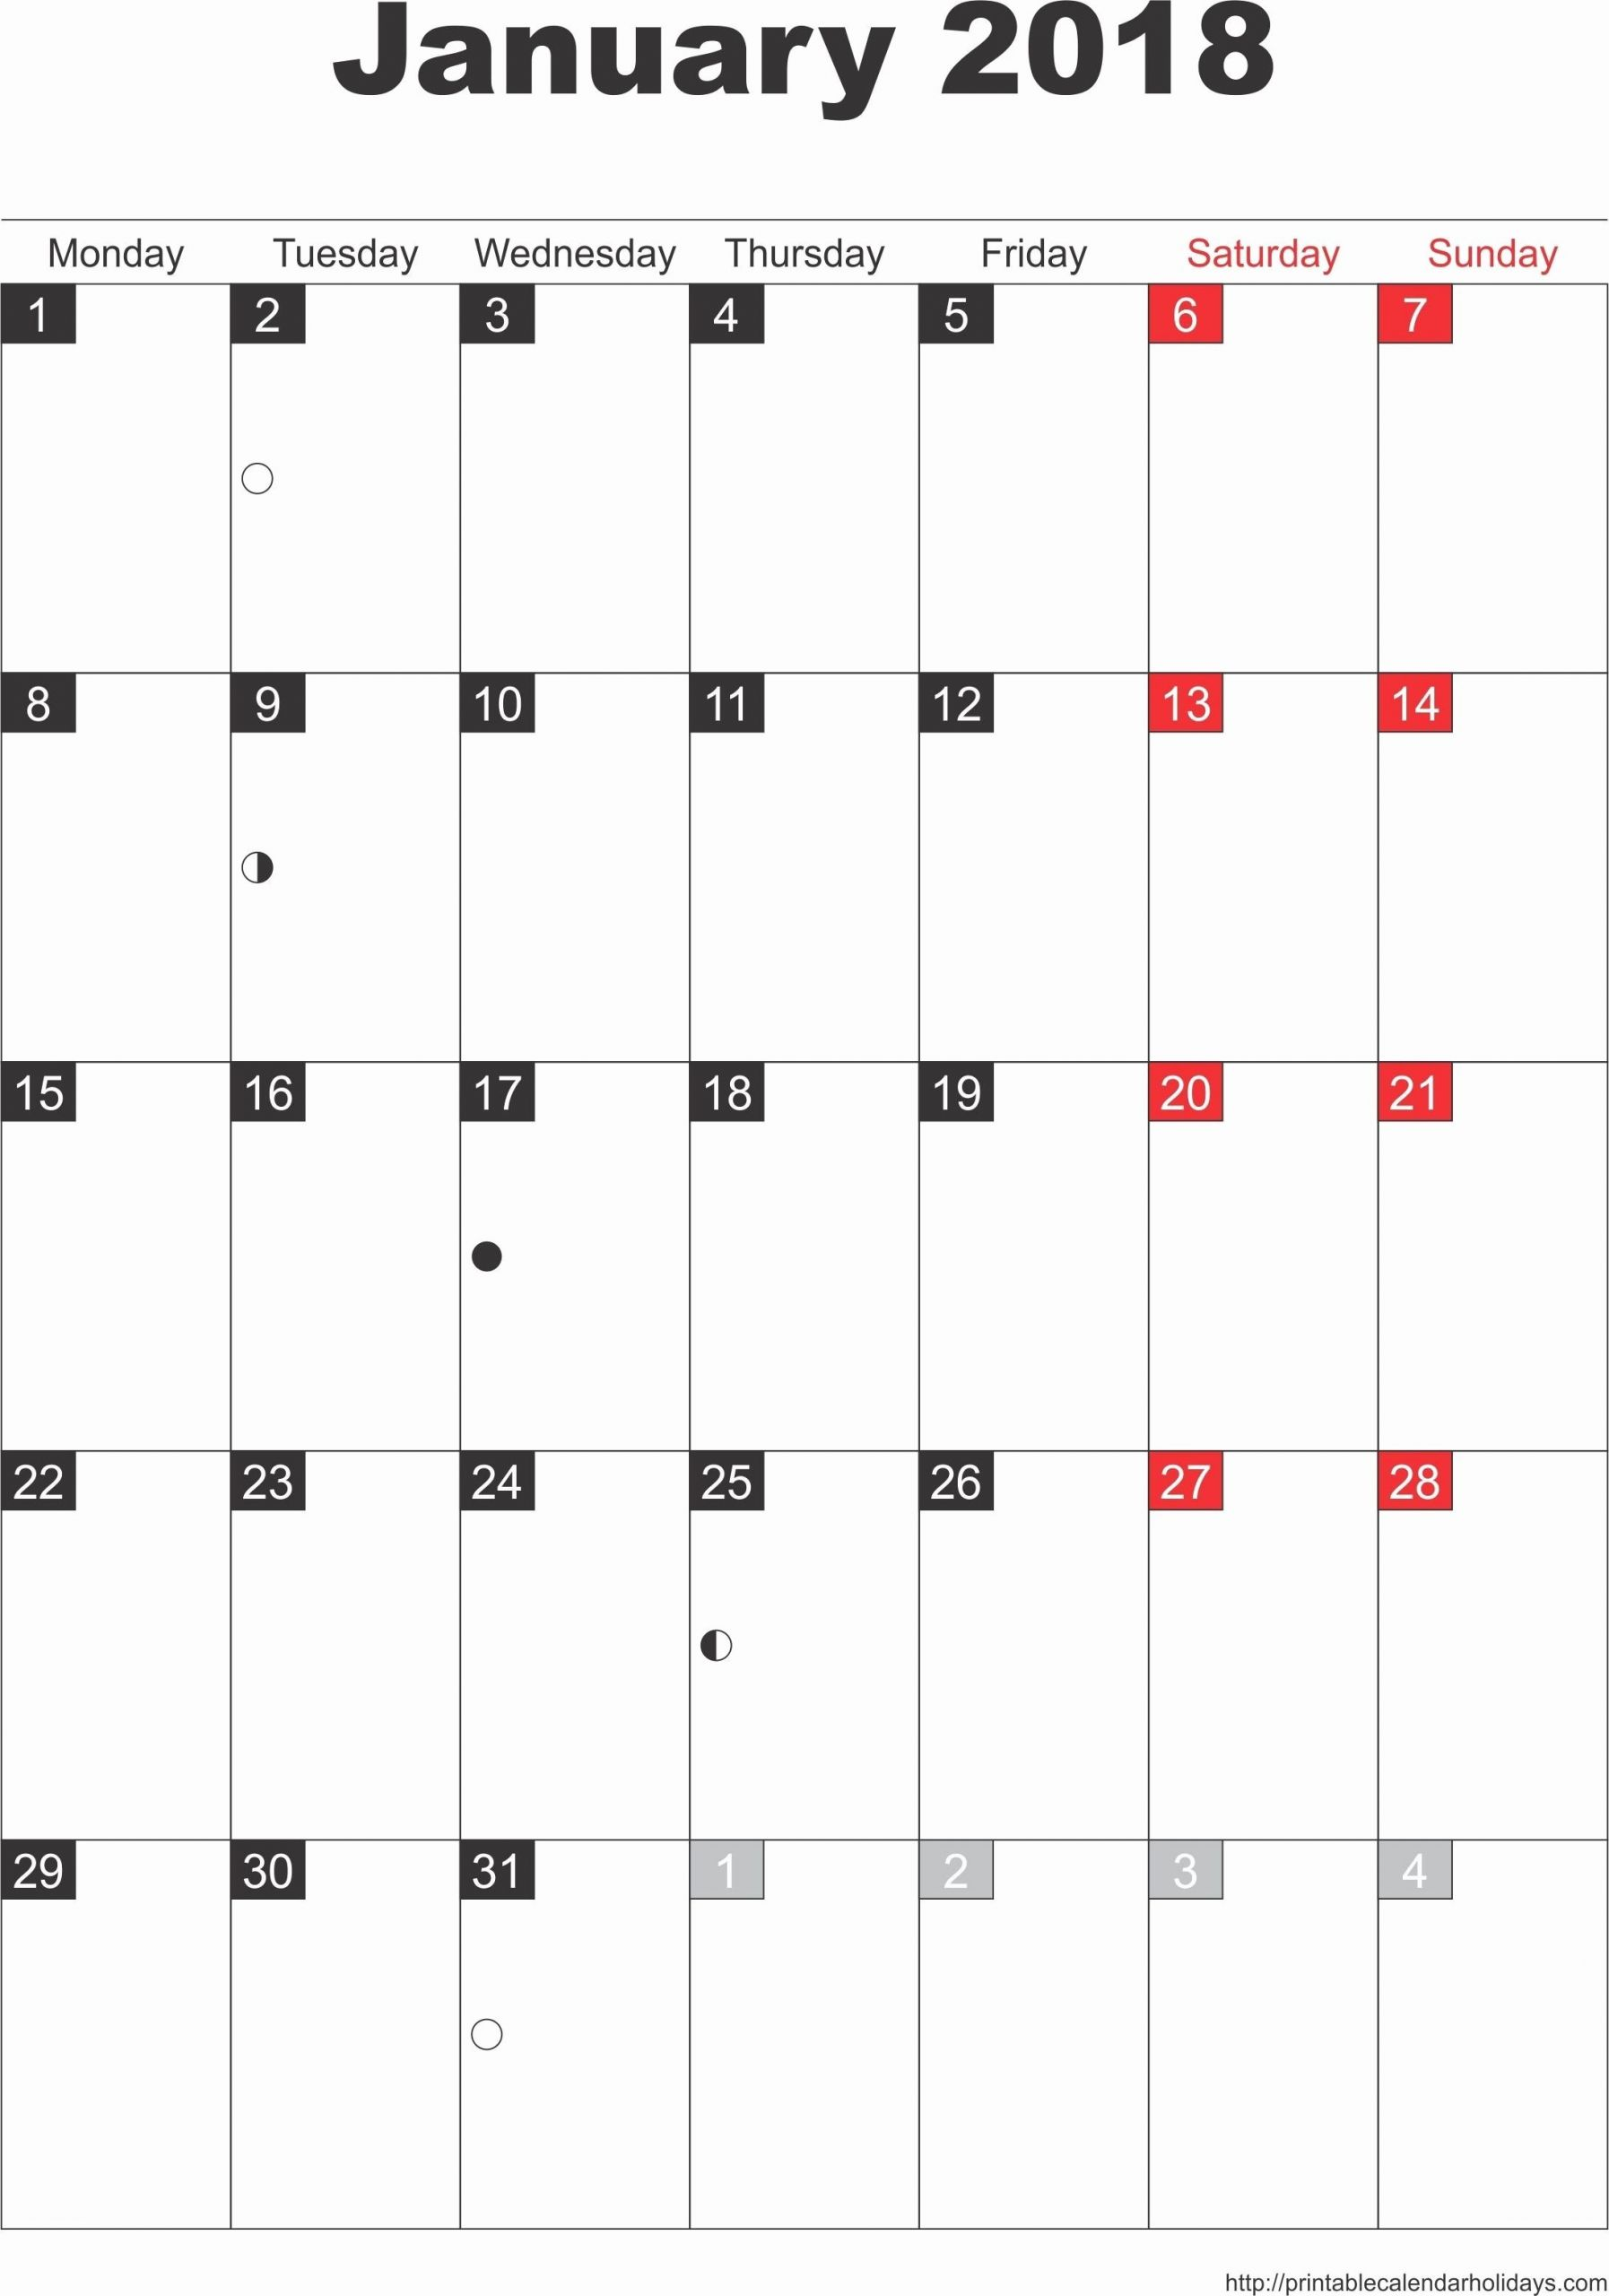 March 1989 Calendar